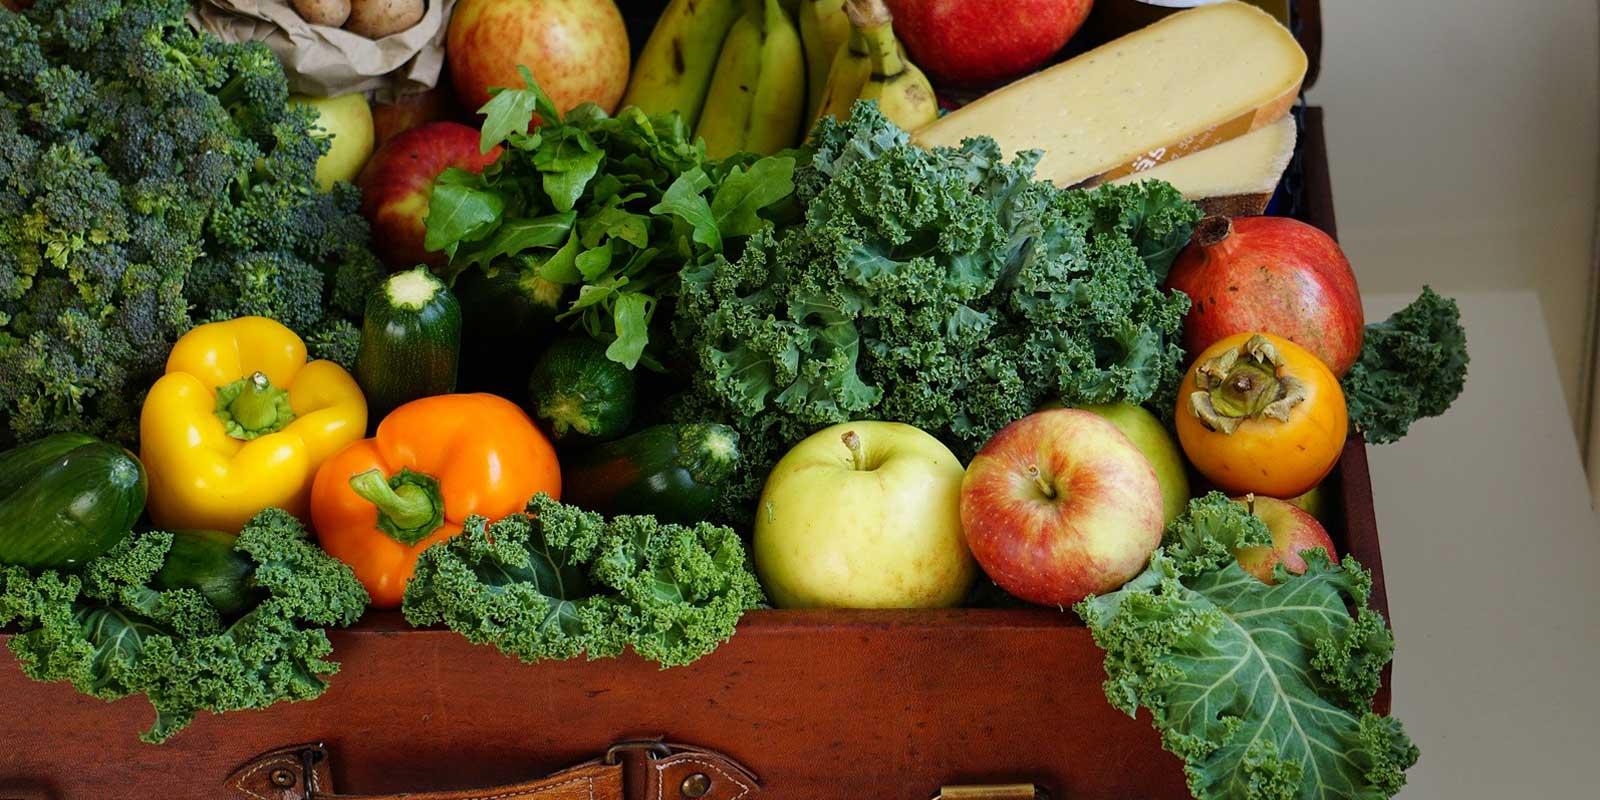 Lebensmittel vor Vernichtung bewahren- Gesunde Ernährung für Menschen mit geringem Einkommen!